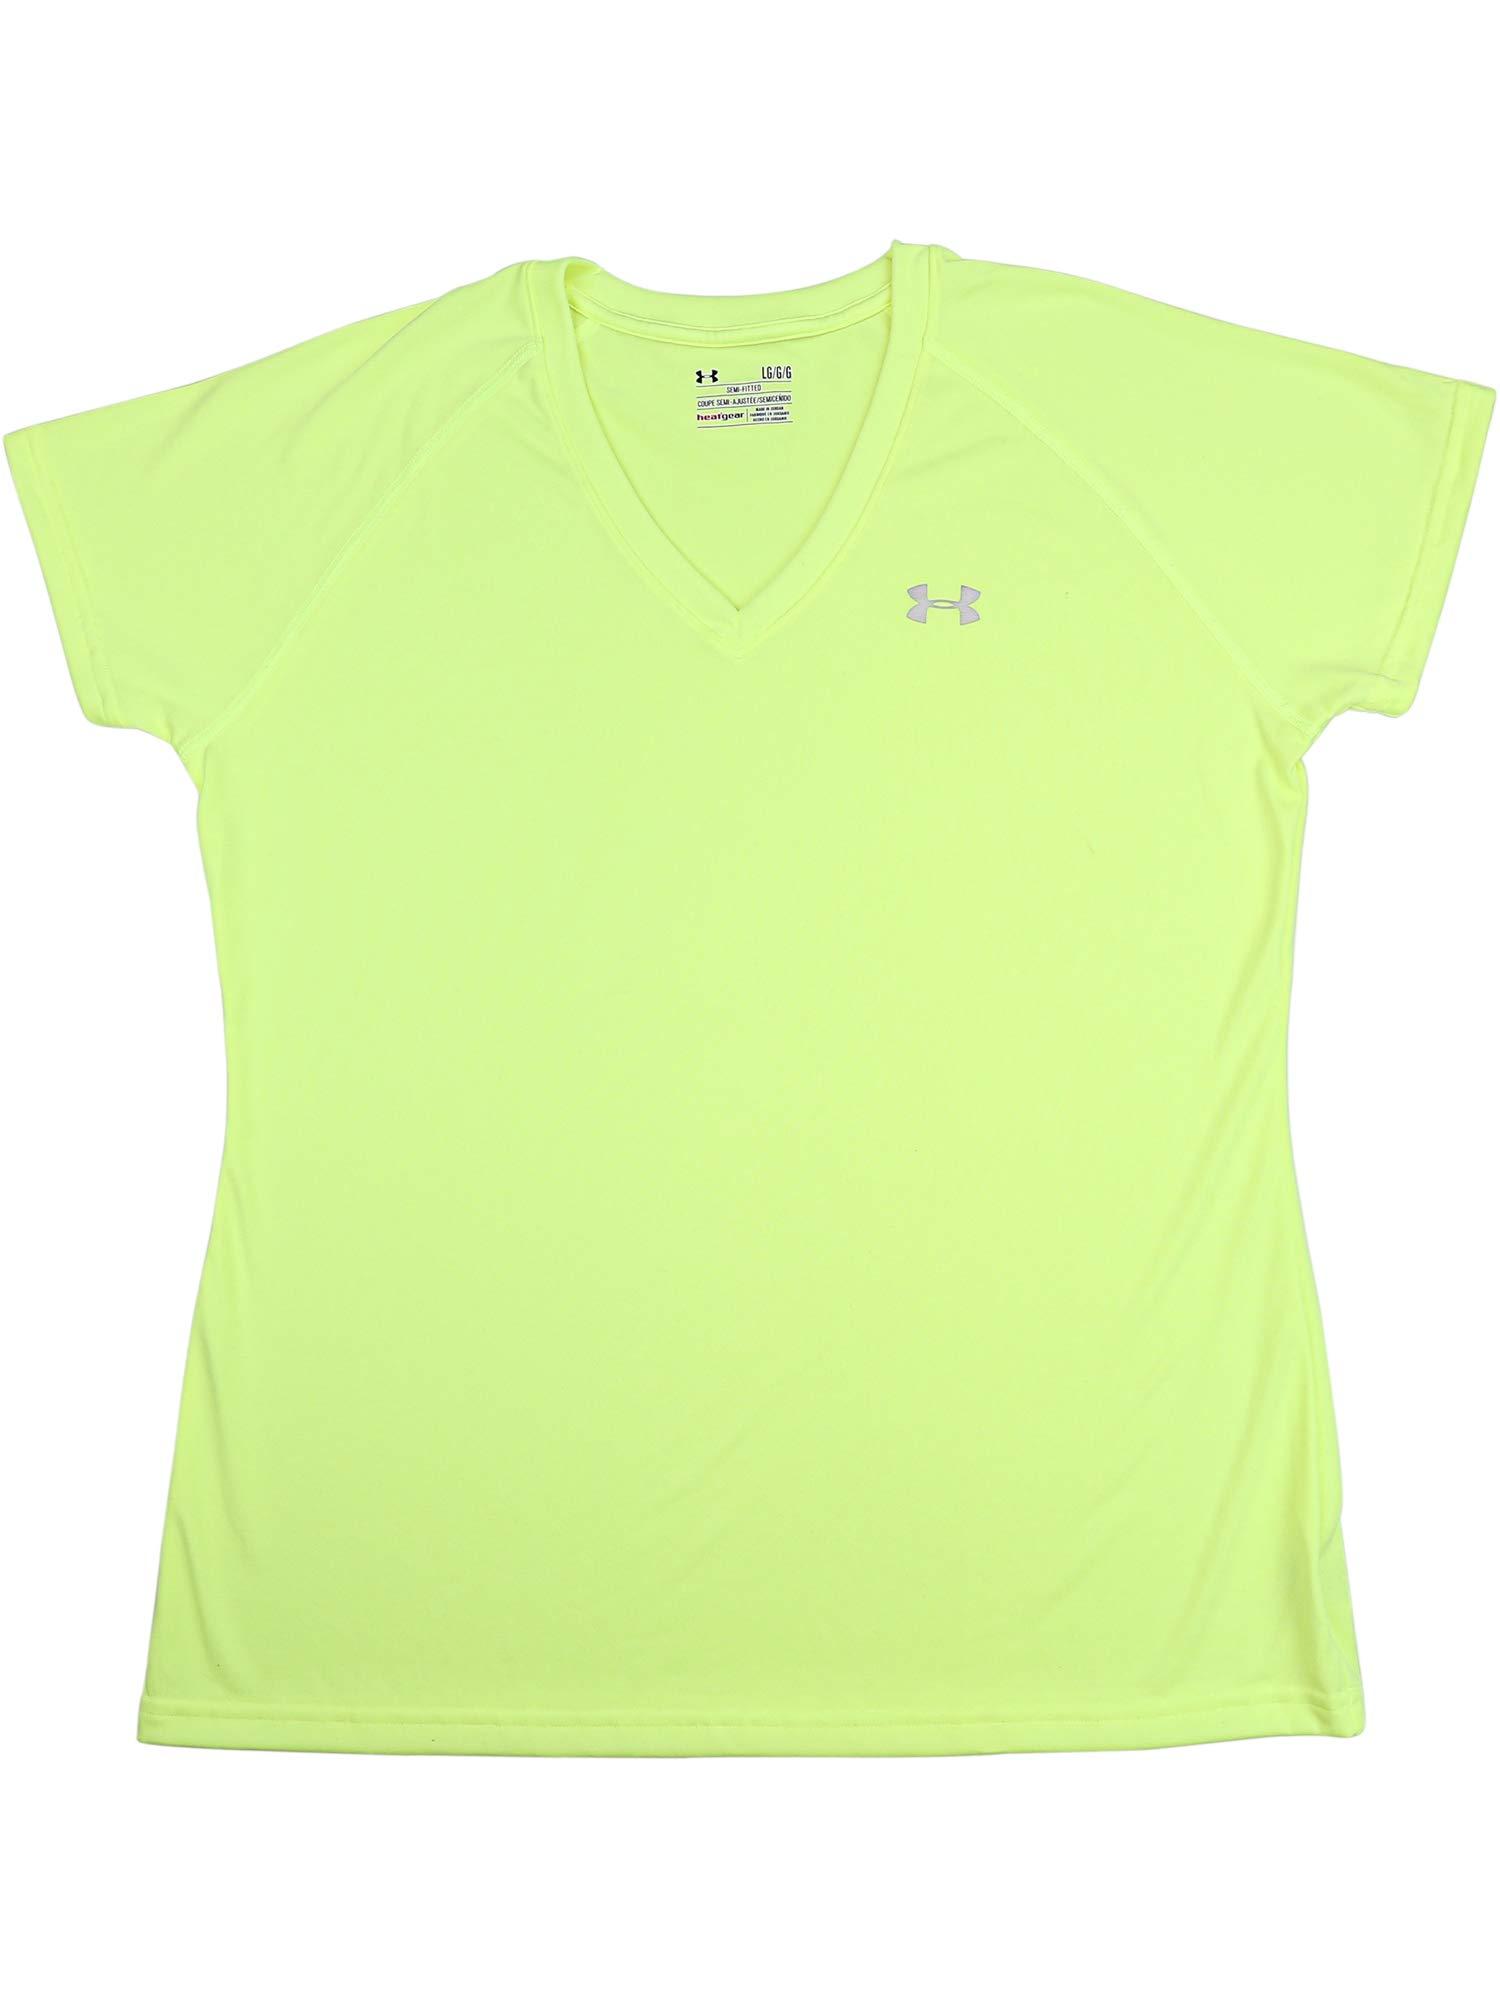 Under Armour Women's Taxi Tech V-Neck Jersey Short Sleeve Soccer - XS